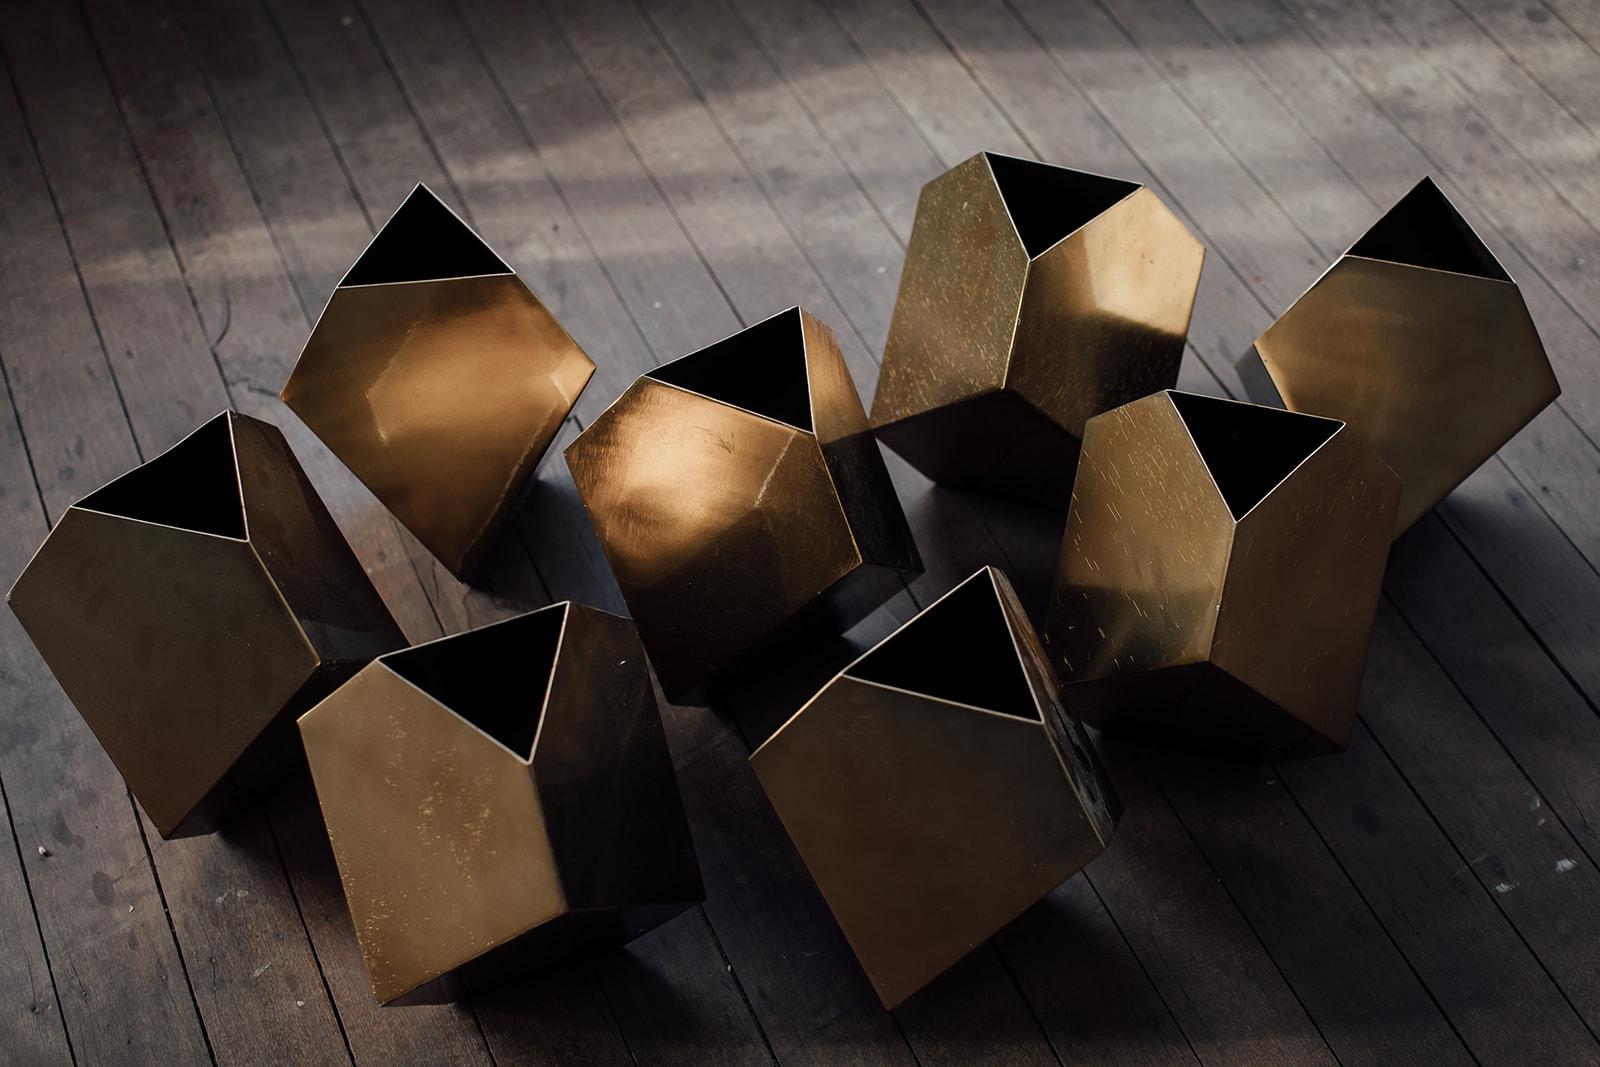 9 x gold matrix vase set - $20.00 each or $135.00 for the set